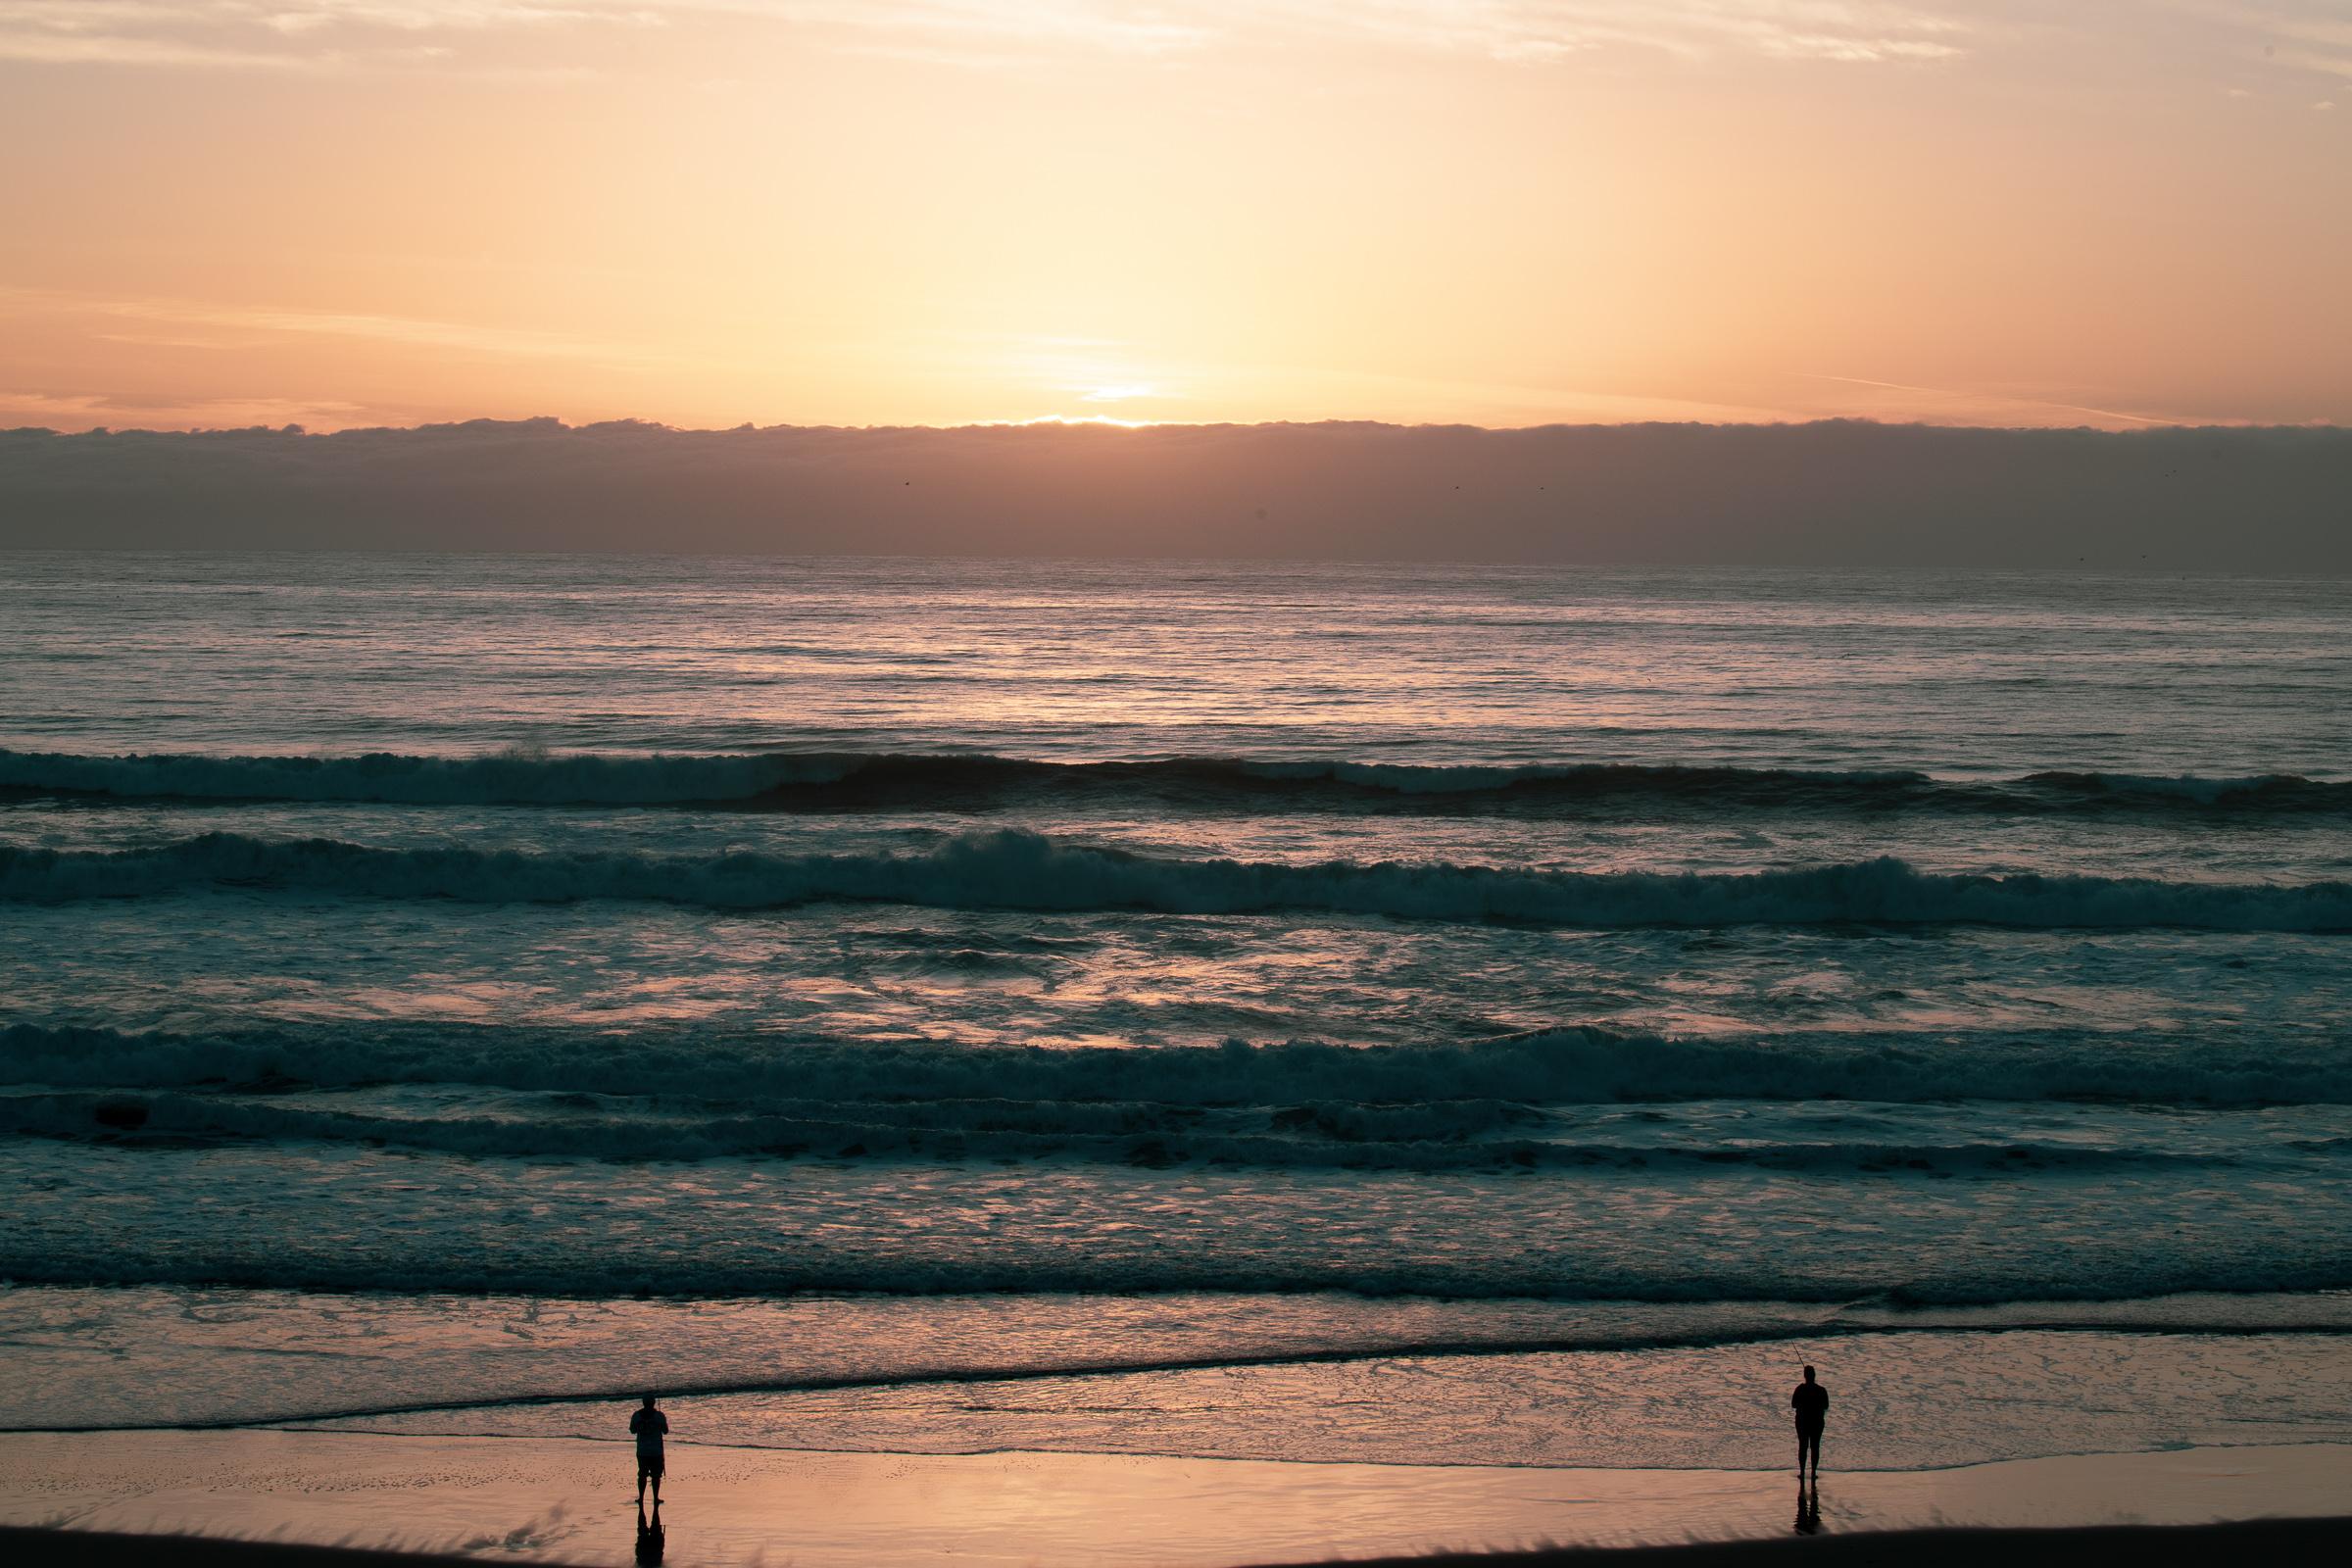 Sunset at Santa Cruz, CA